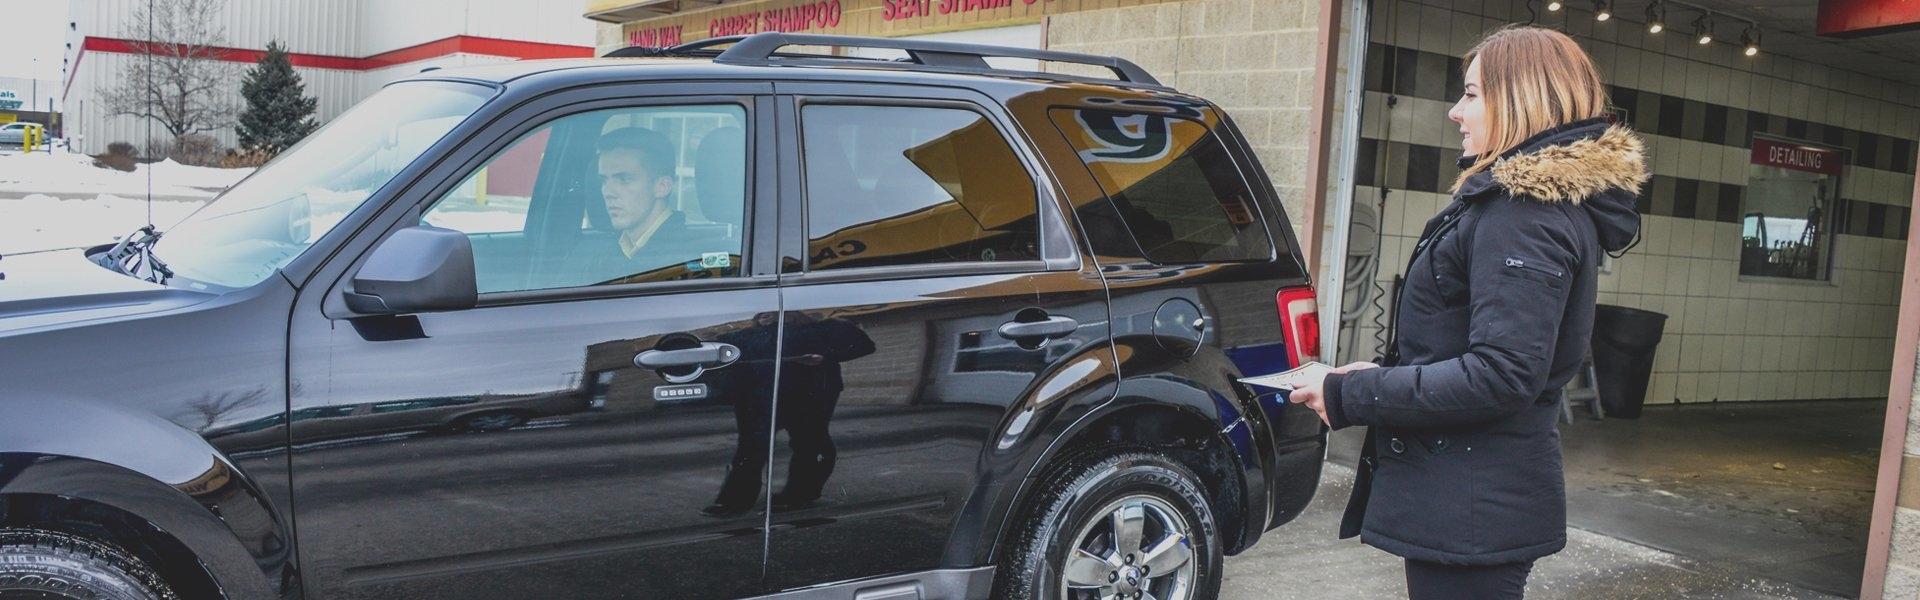 The Chamois Full Service Car Wash